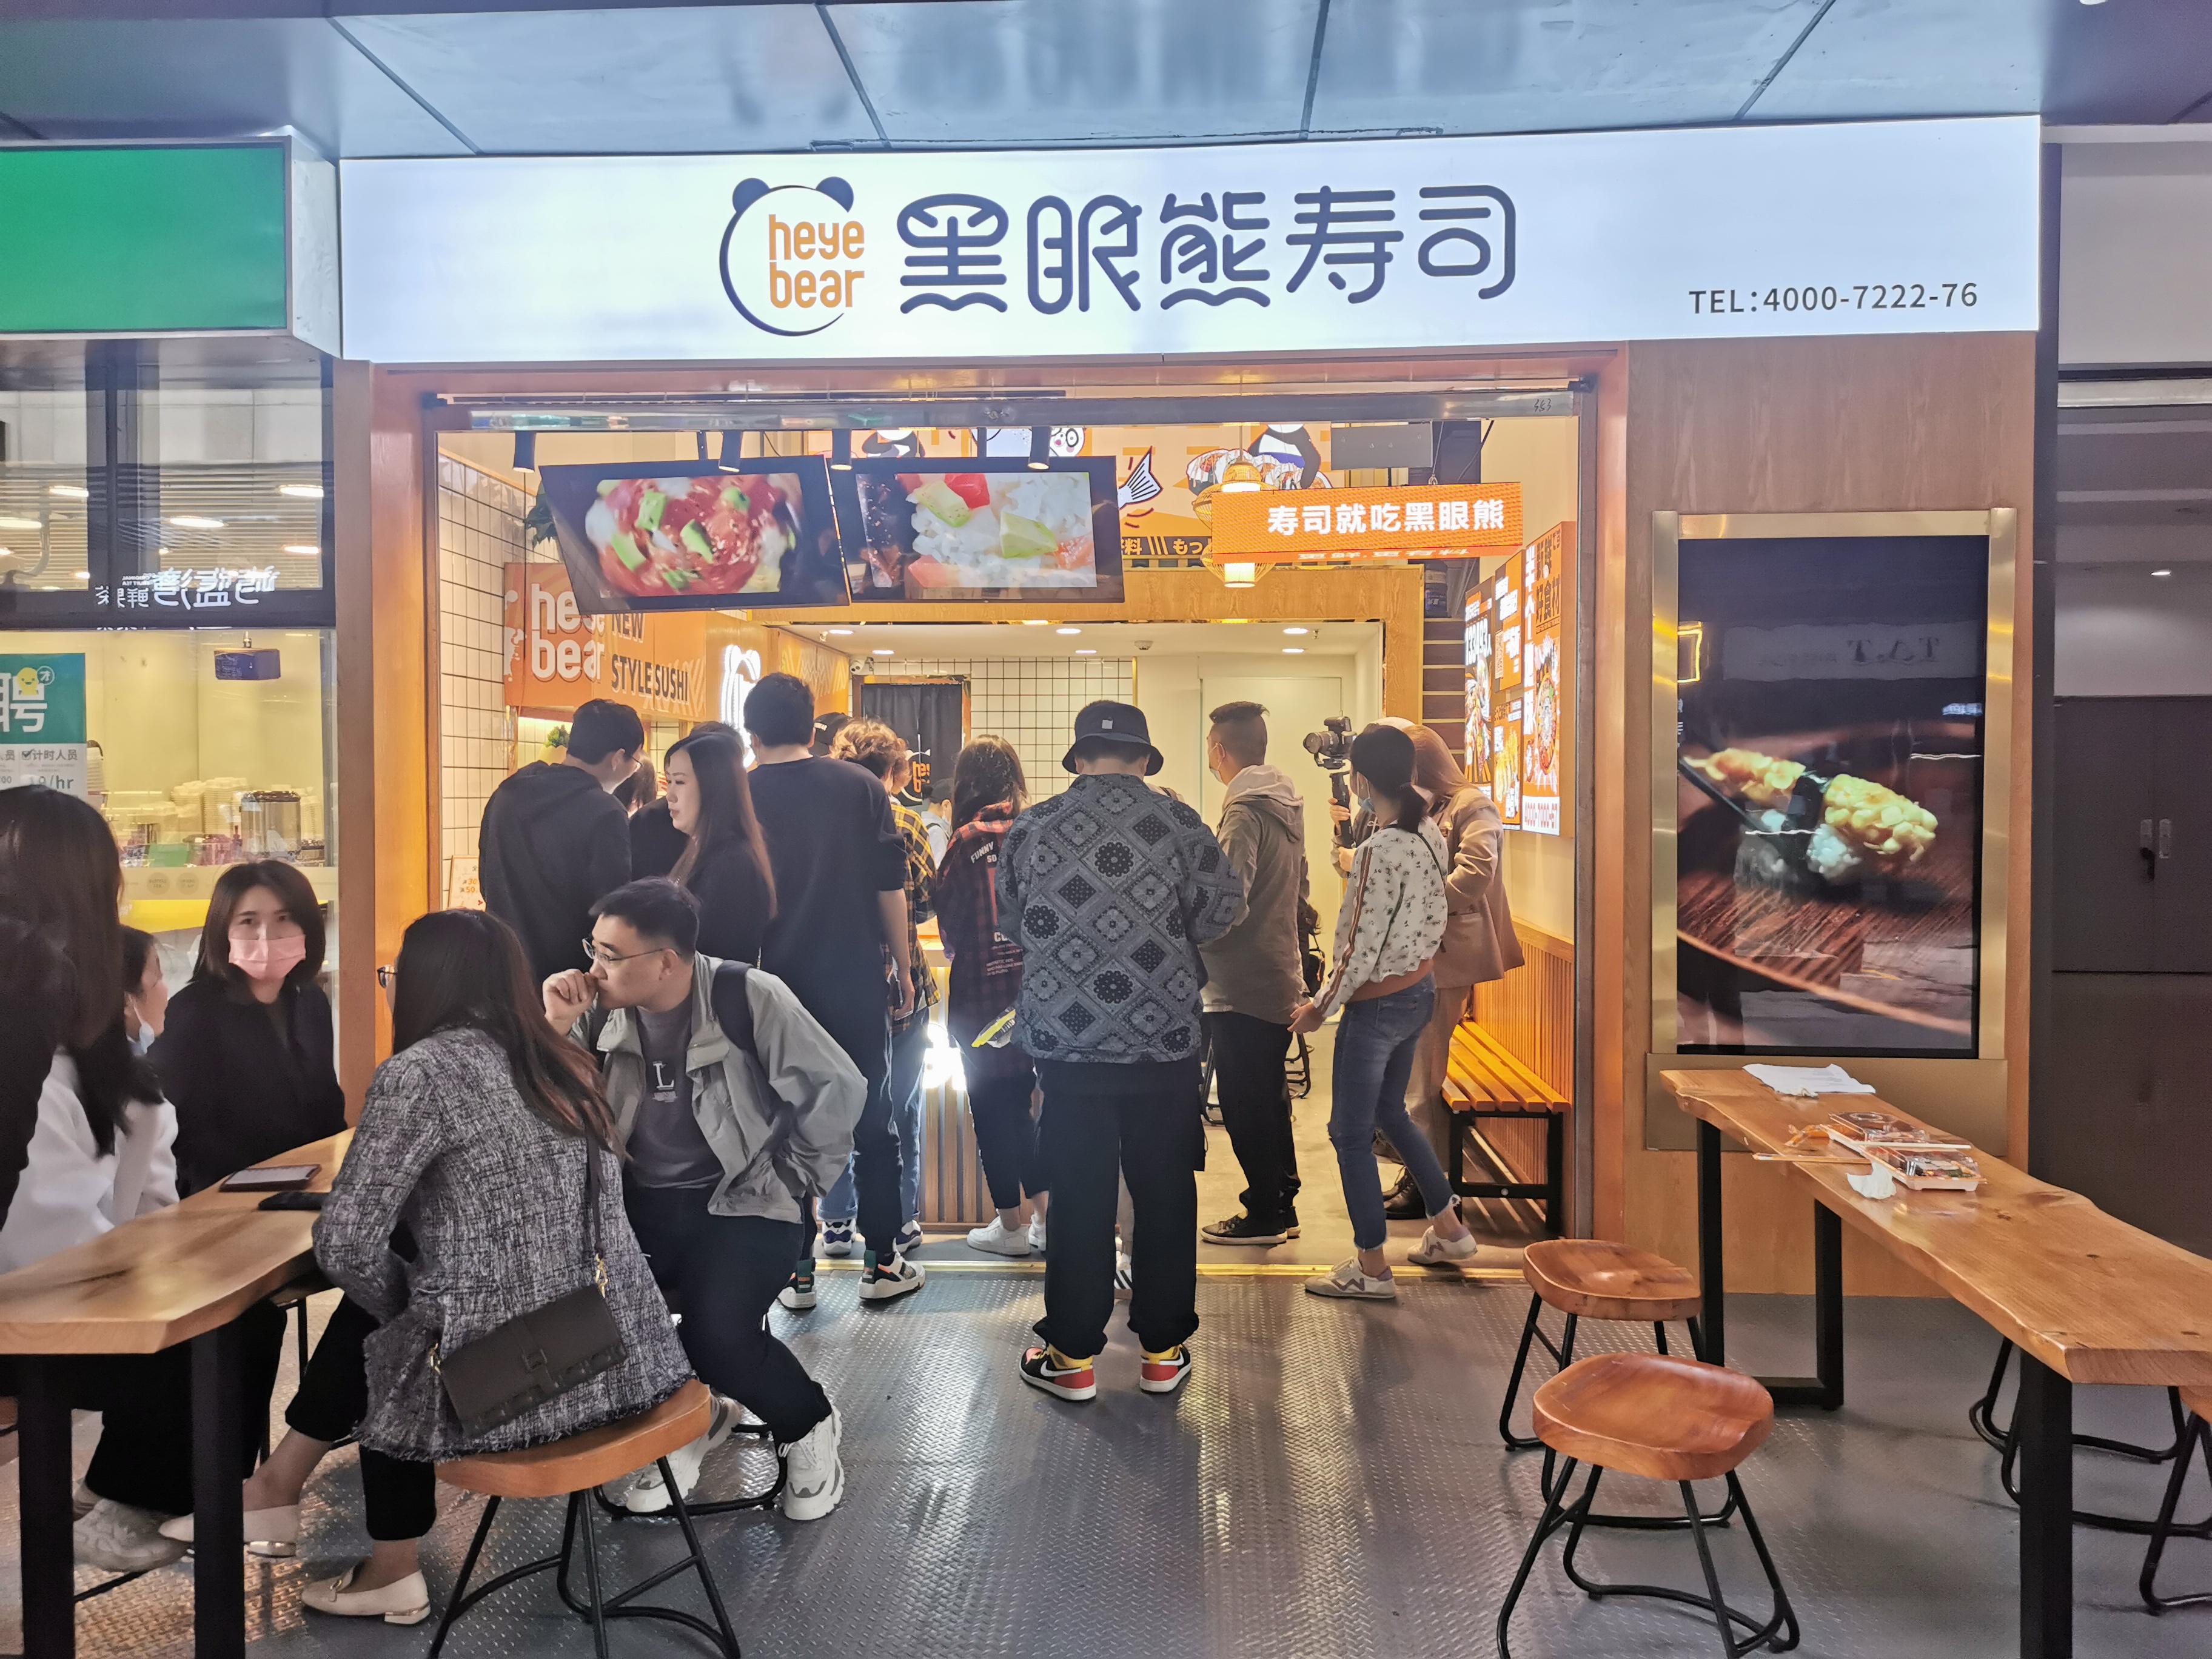 开寿司店运营